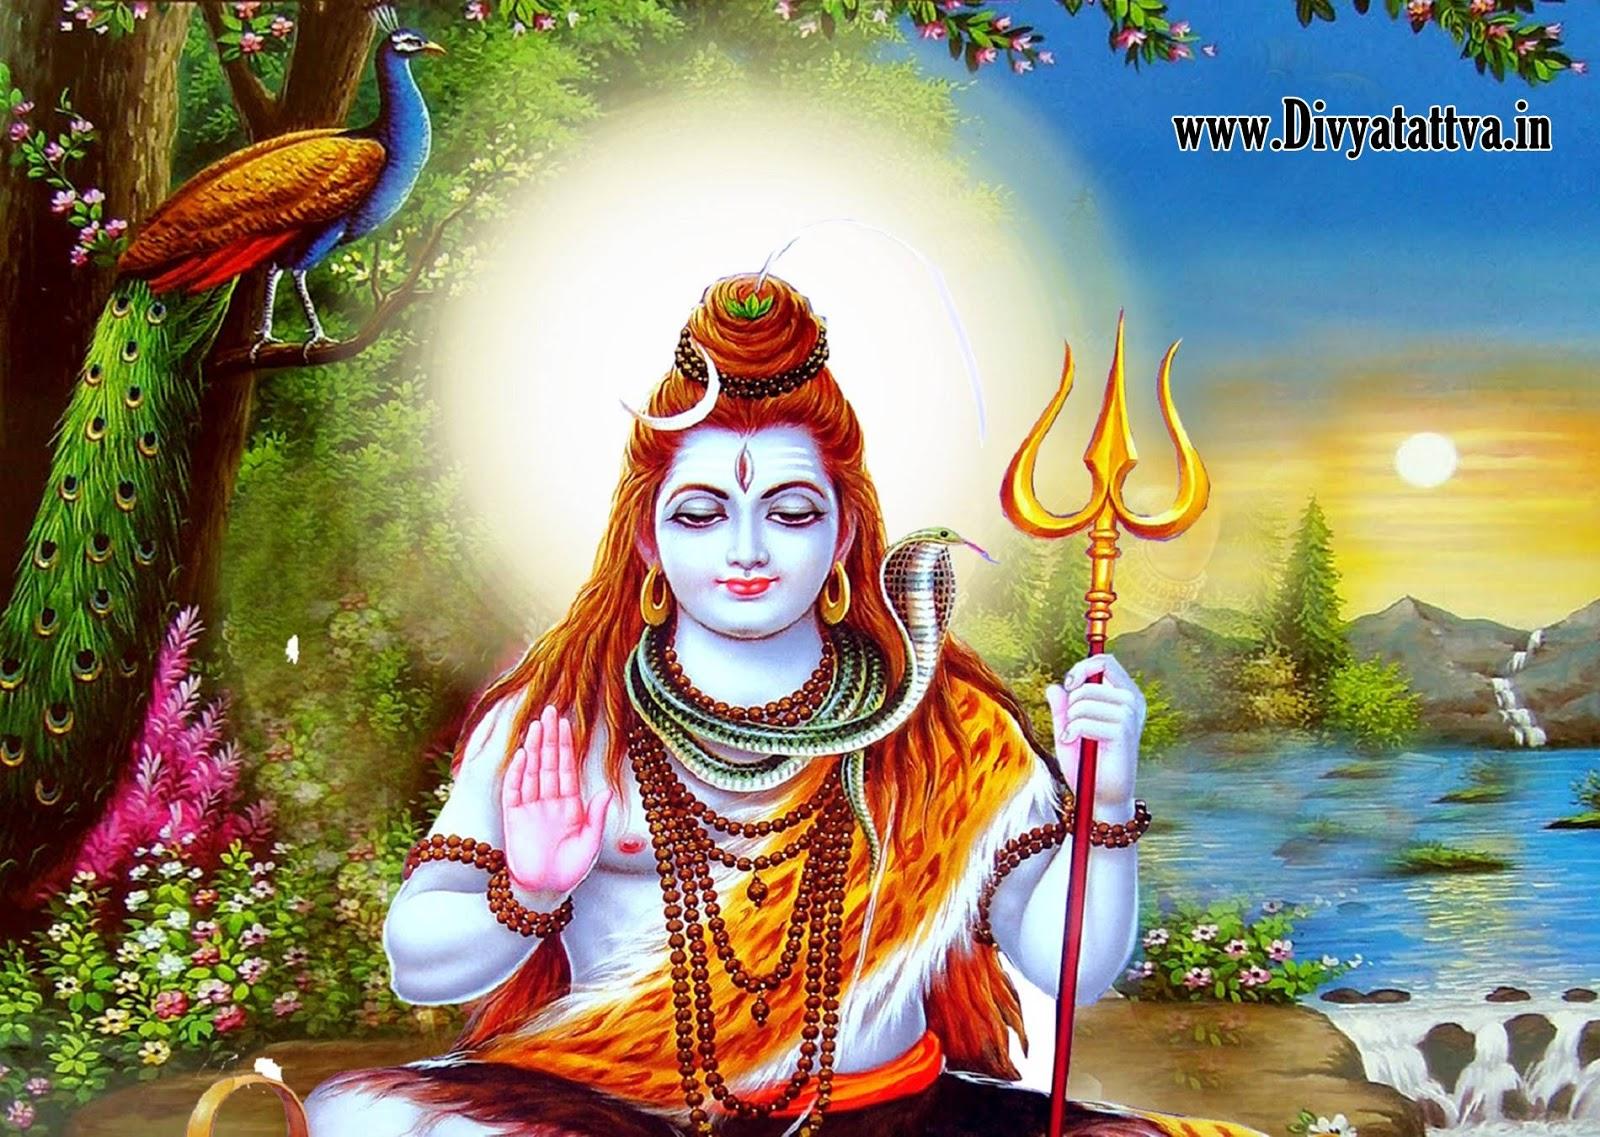 3d Mahadev Shiva Live Wallpaper Divyatattva Astrology Free Horoscopes Psychic Tarot Yoga